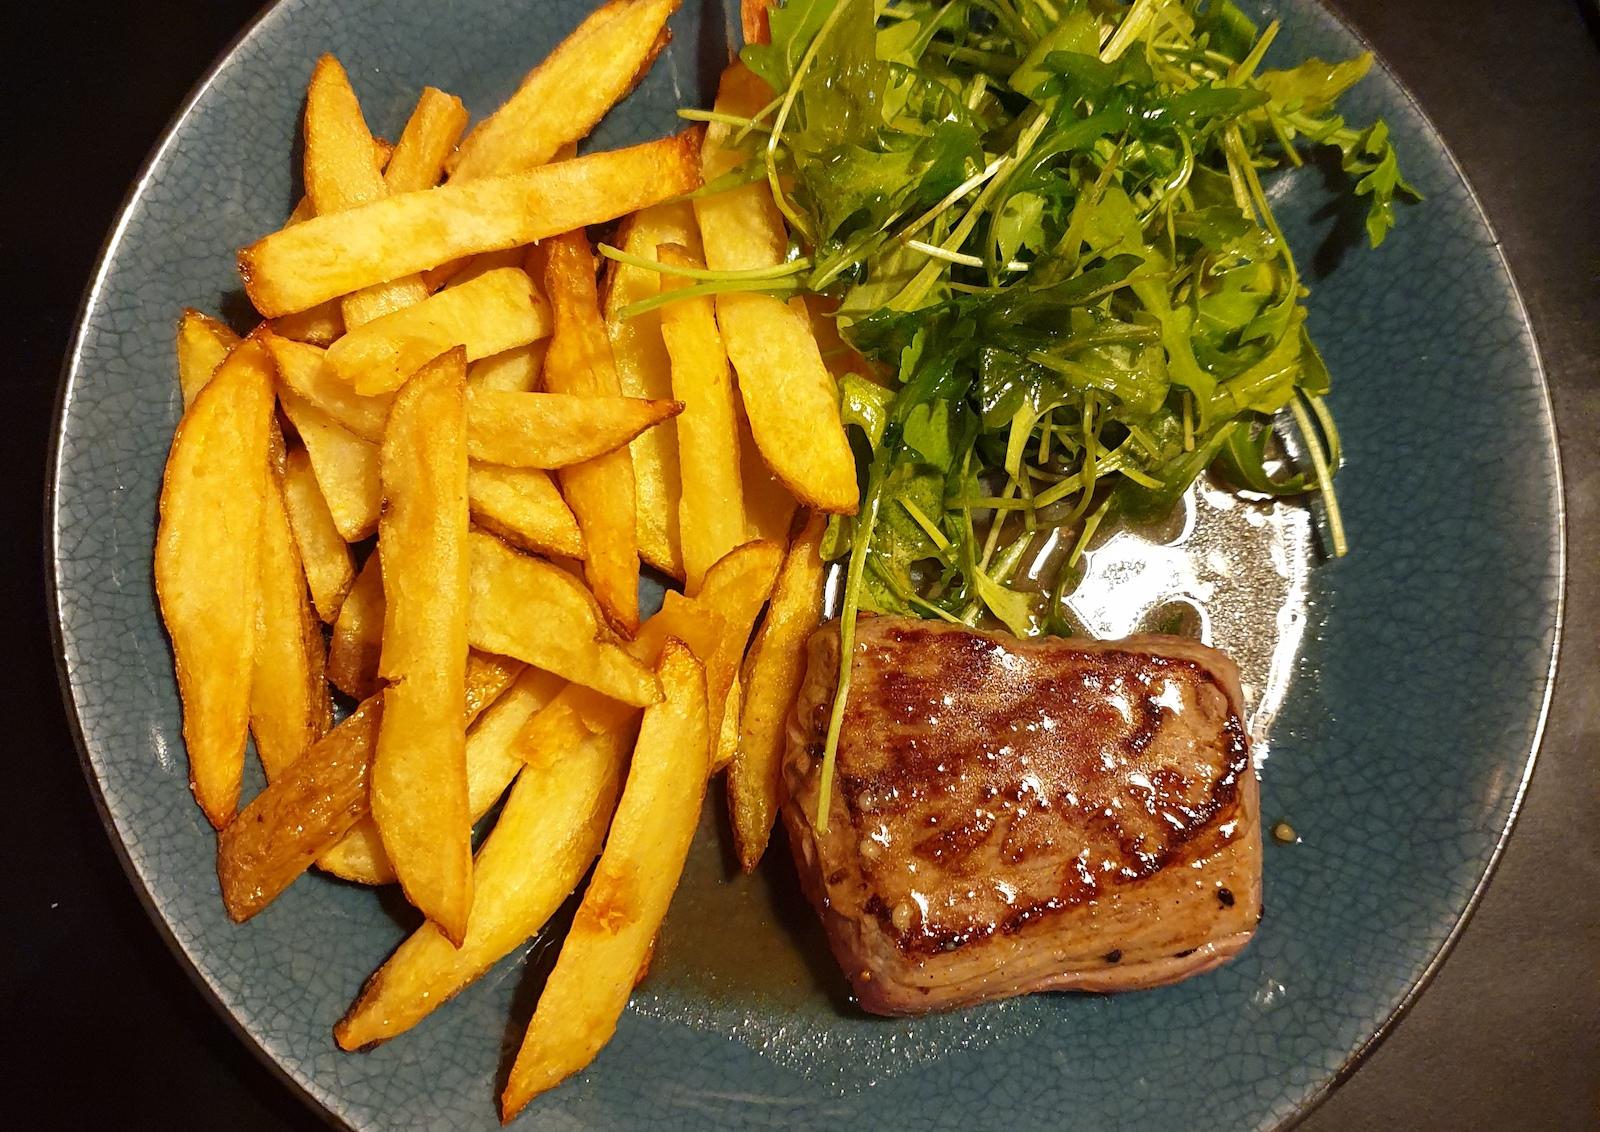 Carni Restaurant Paris 4